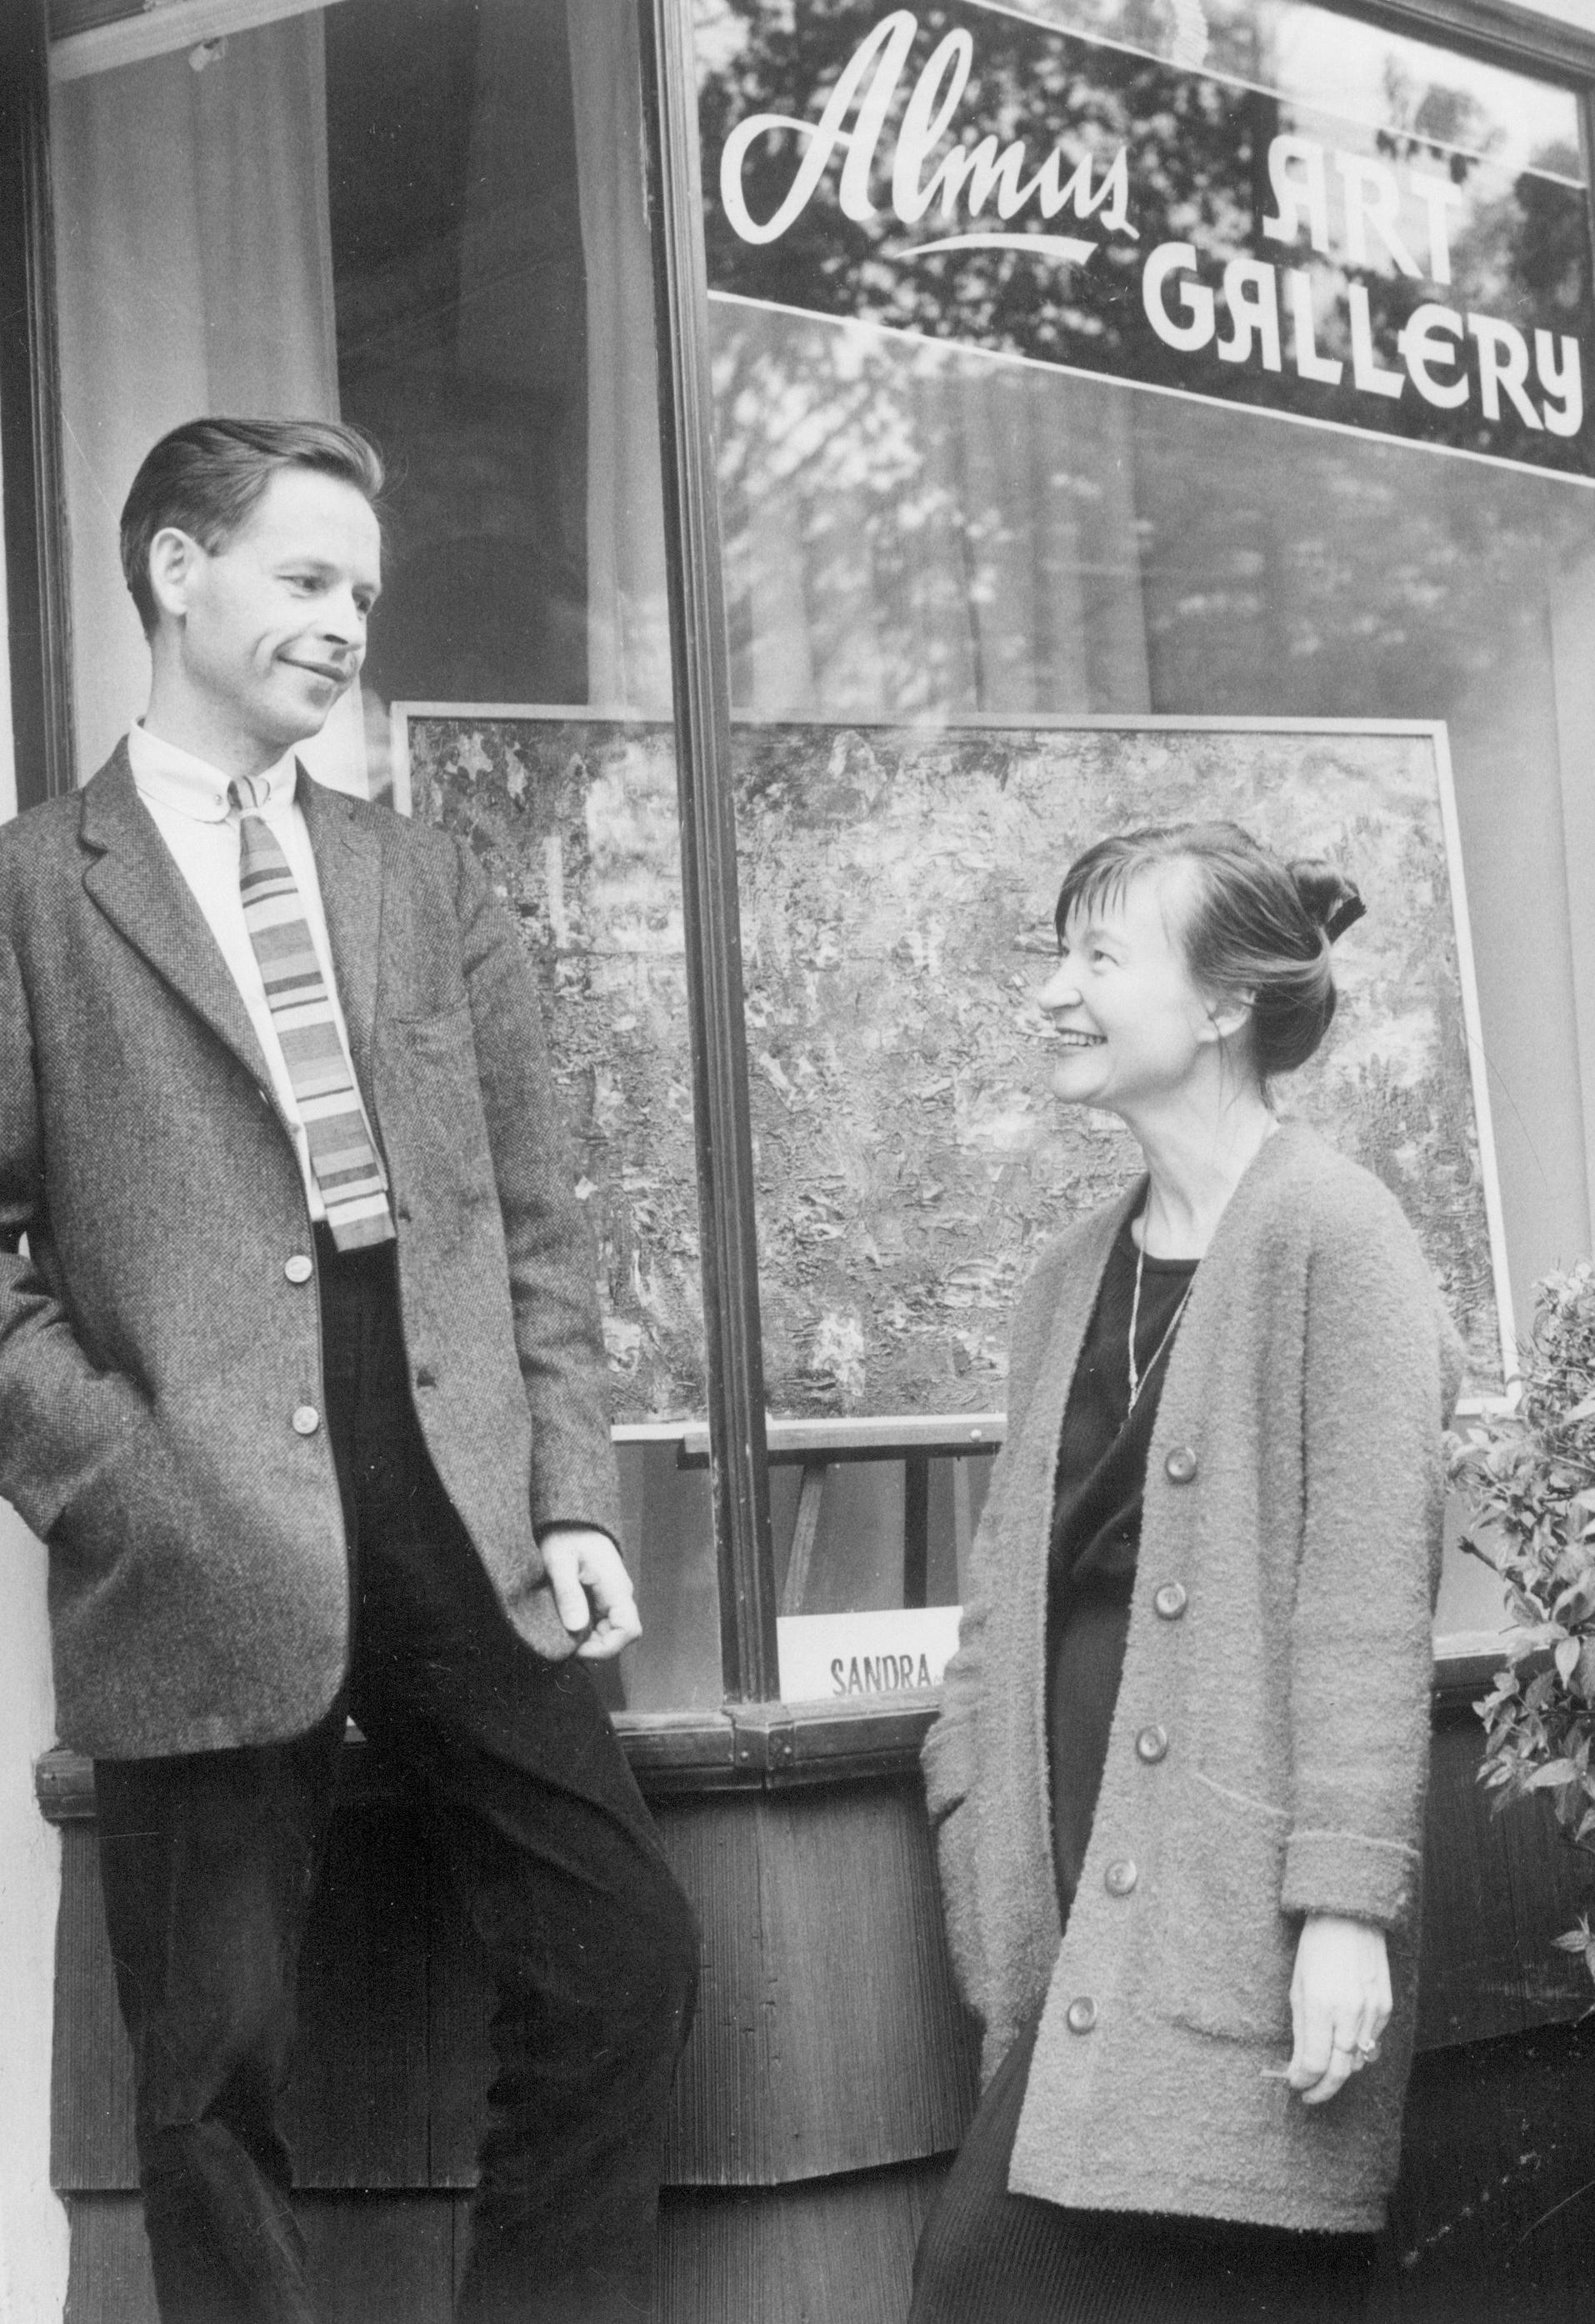 Su žmona Aleksandra prie galerijos, kur vyko jos paroda